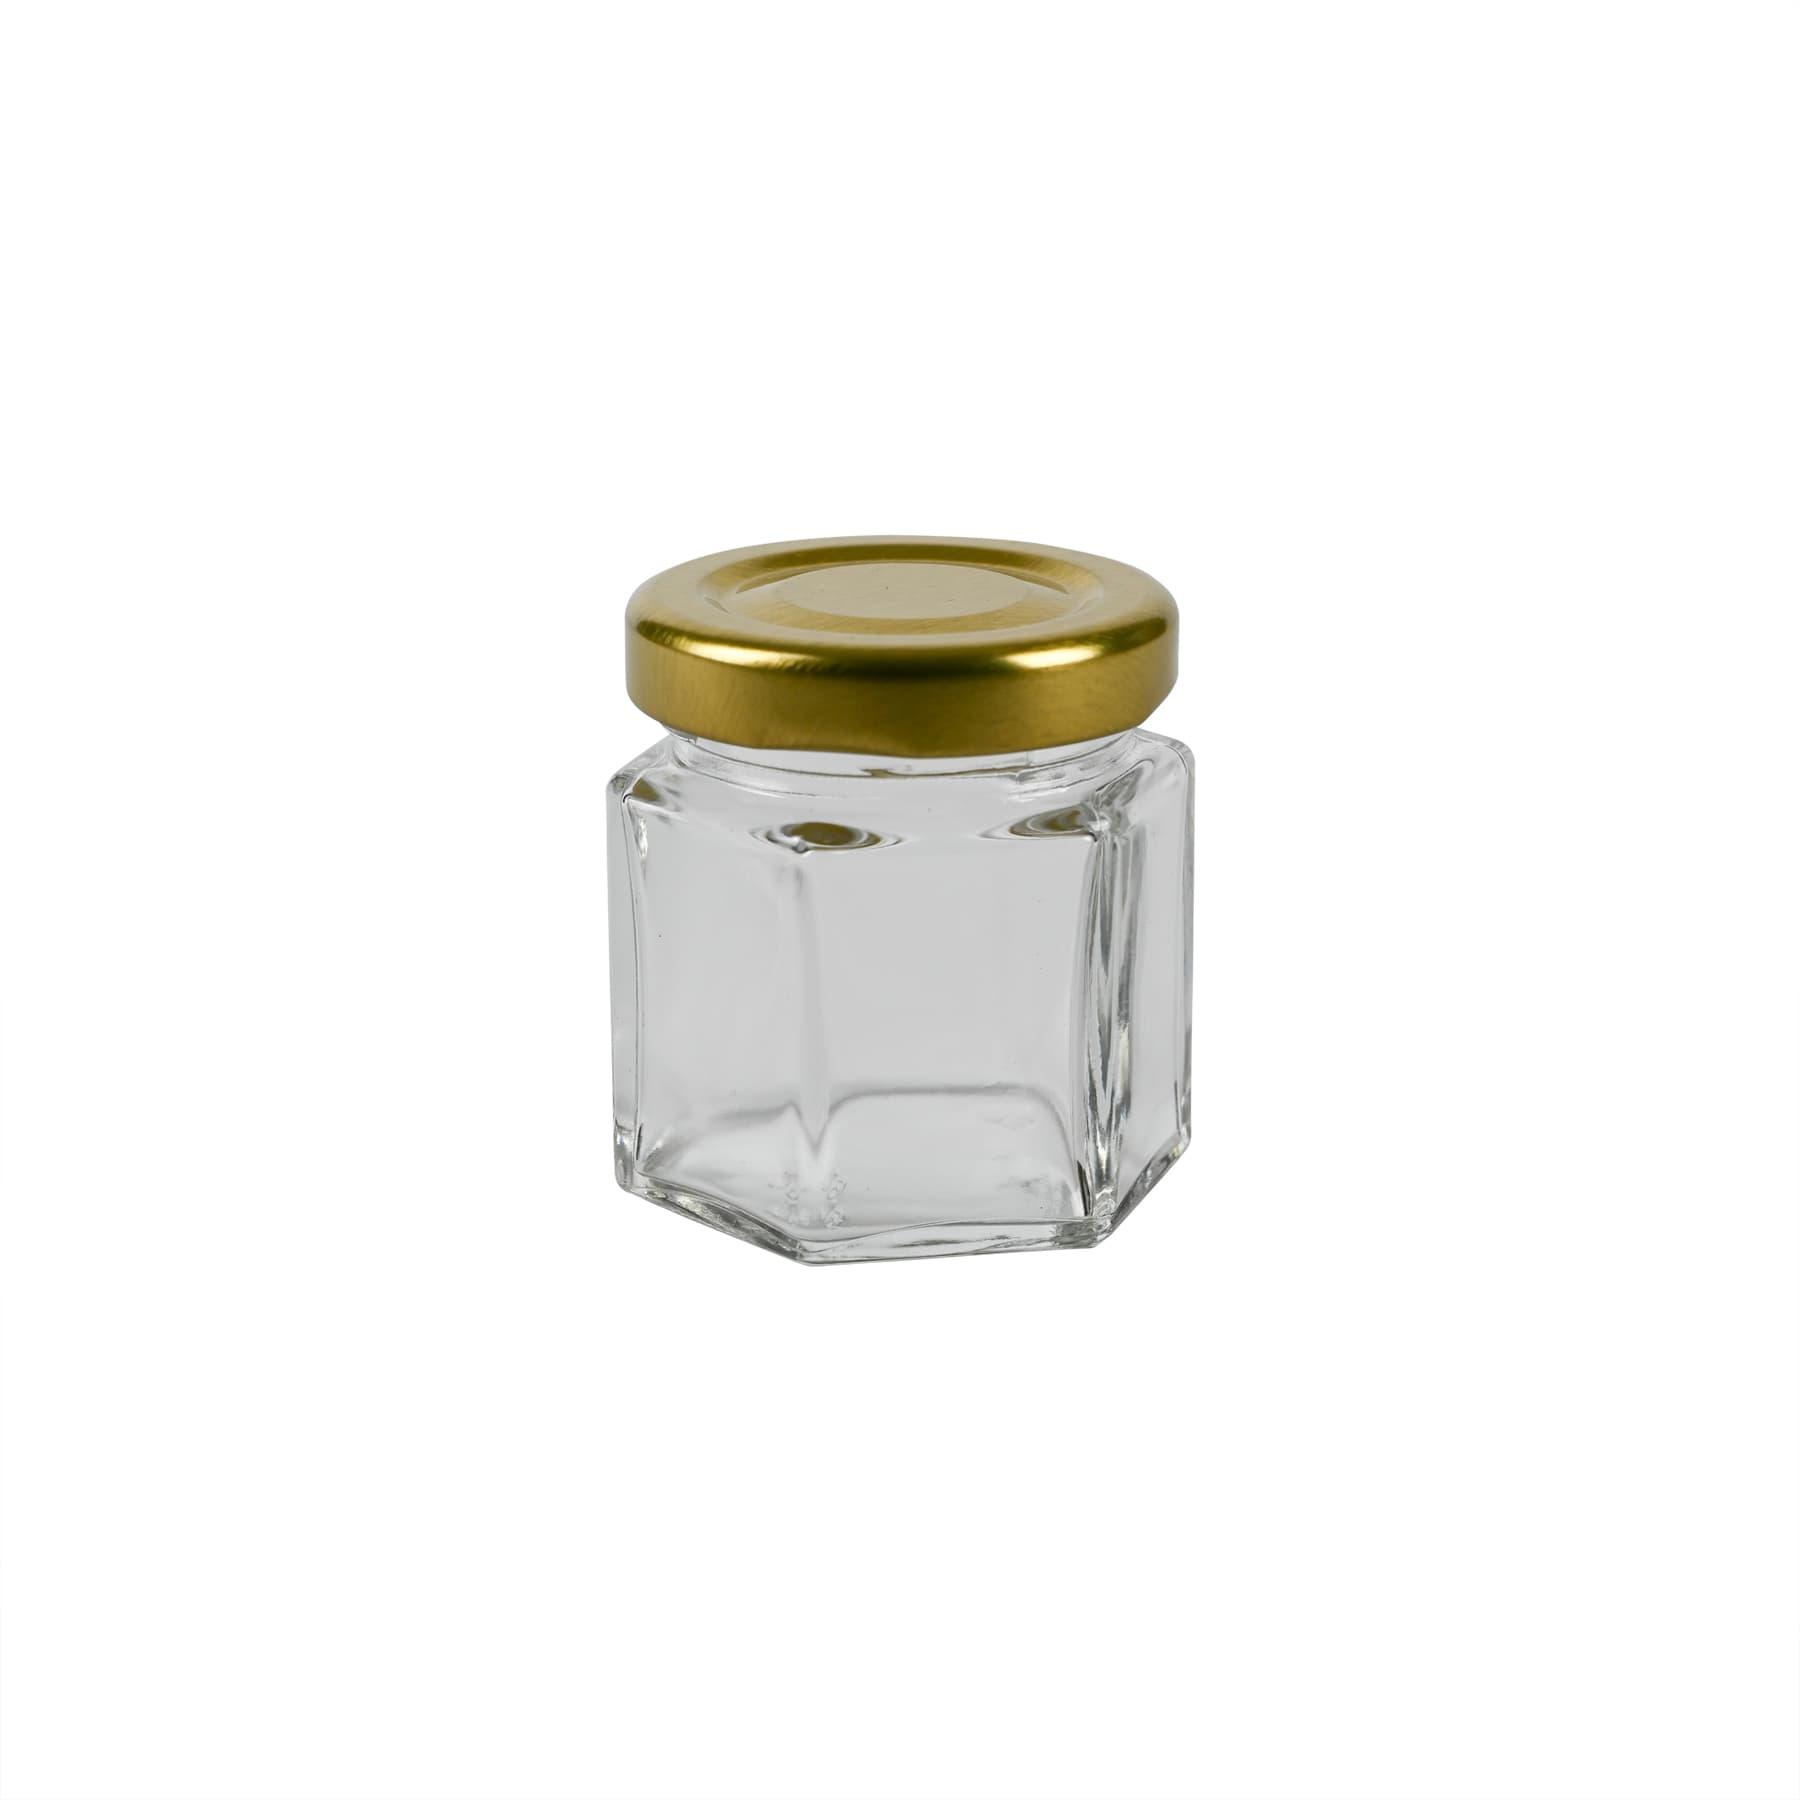 Sechseckglas 45 ml mit TO Metalldeckel gold 43 mm